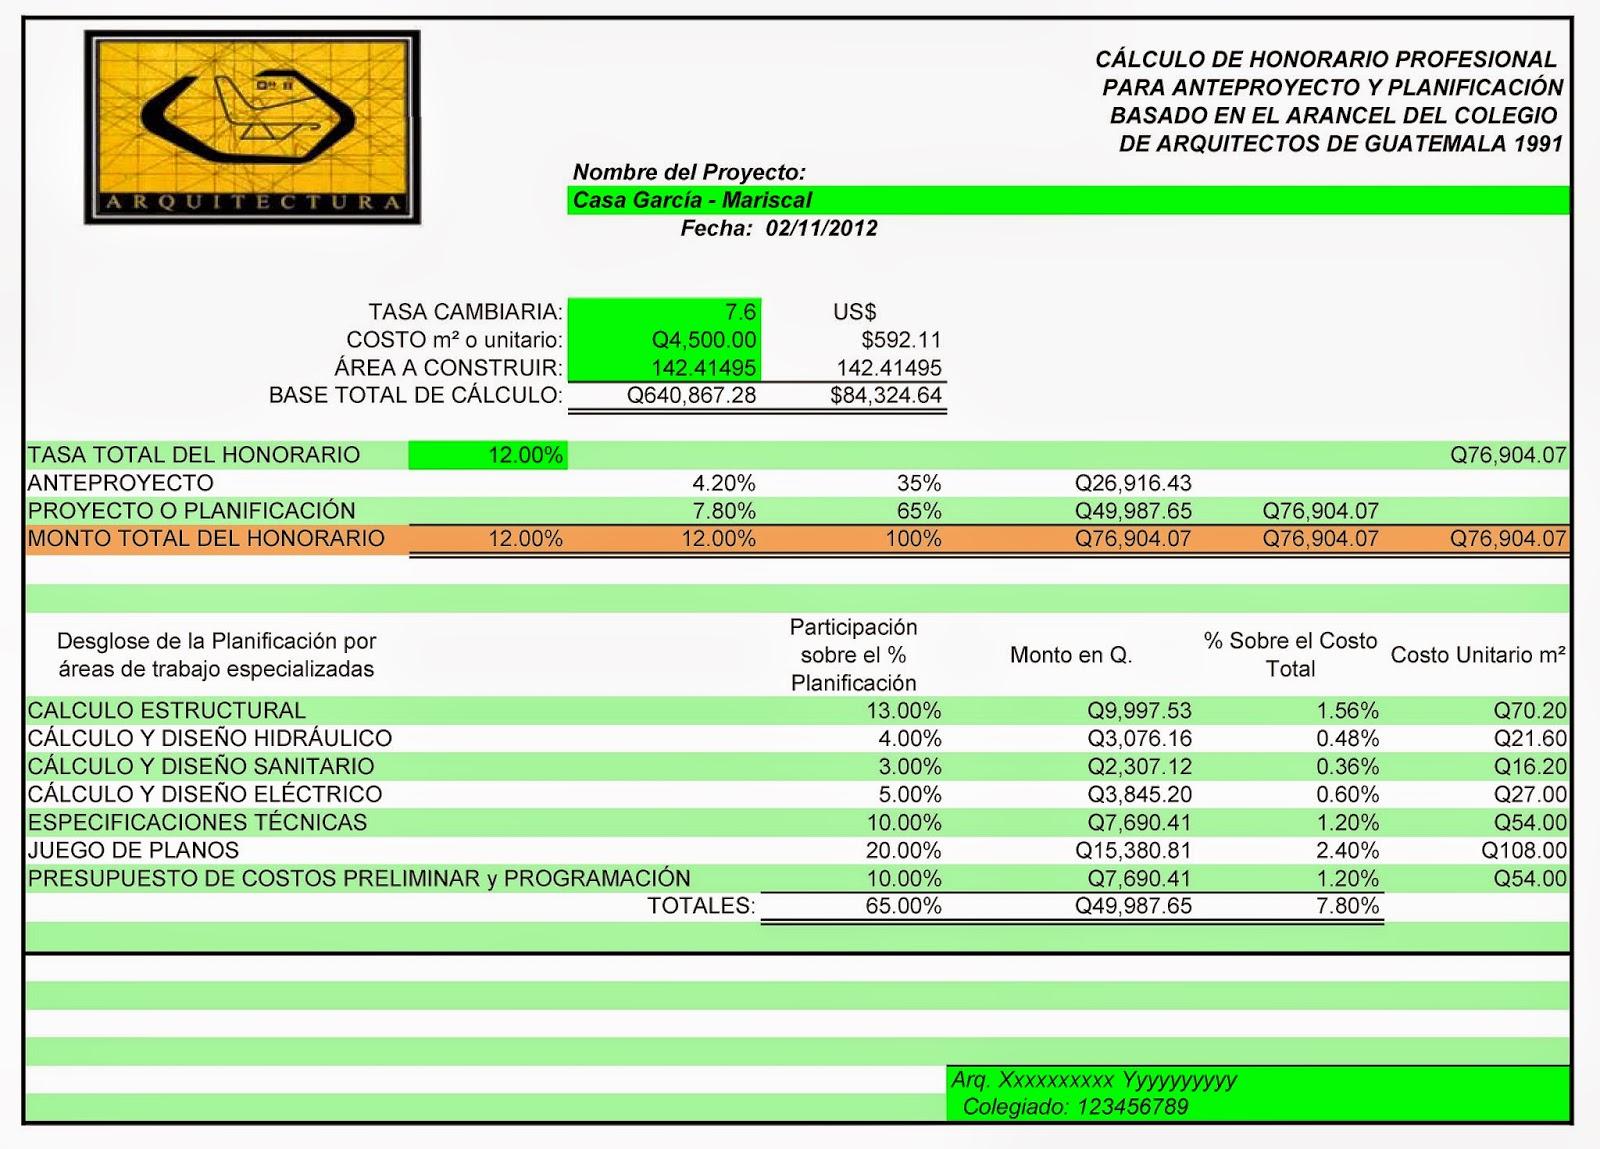 Farusac remoto honorario profesional por el arancel del colegio de arquitectos de guatemala 1991 - Cuanto cobra un arquitecto ...